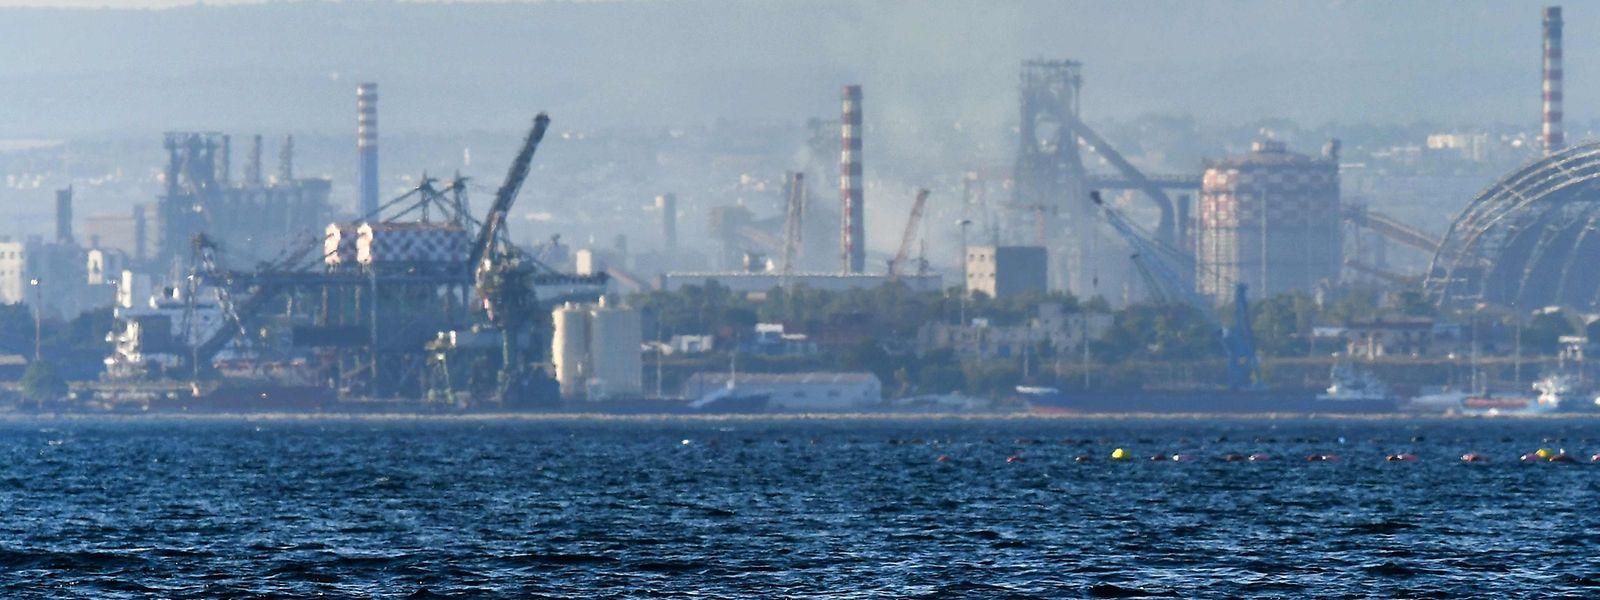 Ilva, das größte Stahlwerk Europas, hat massive Umweltprobleme.